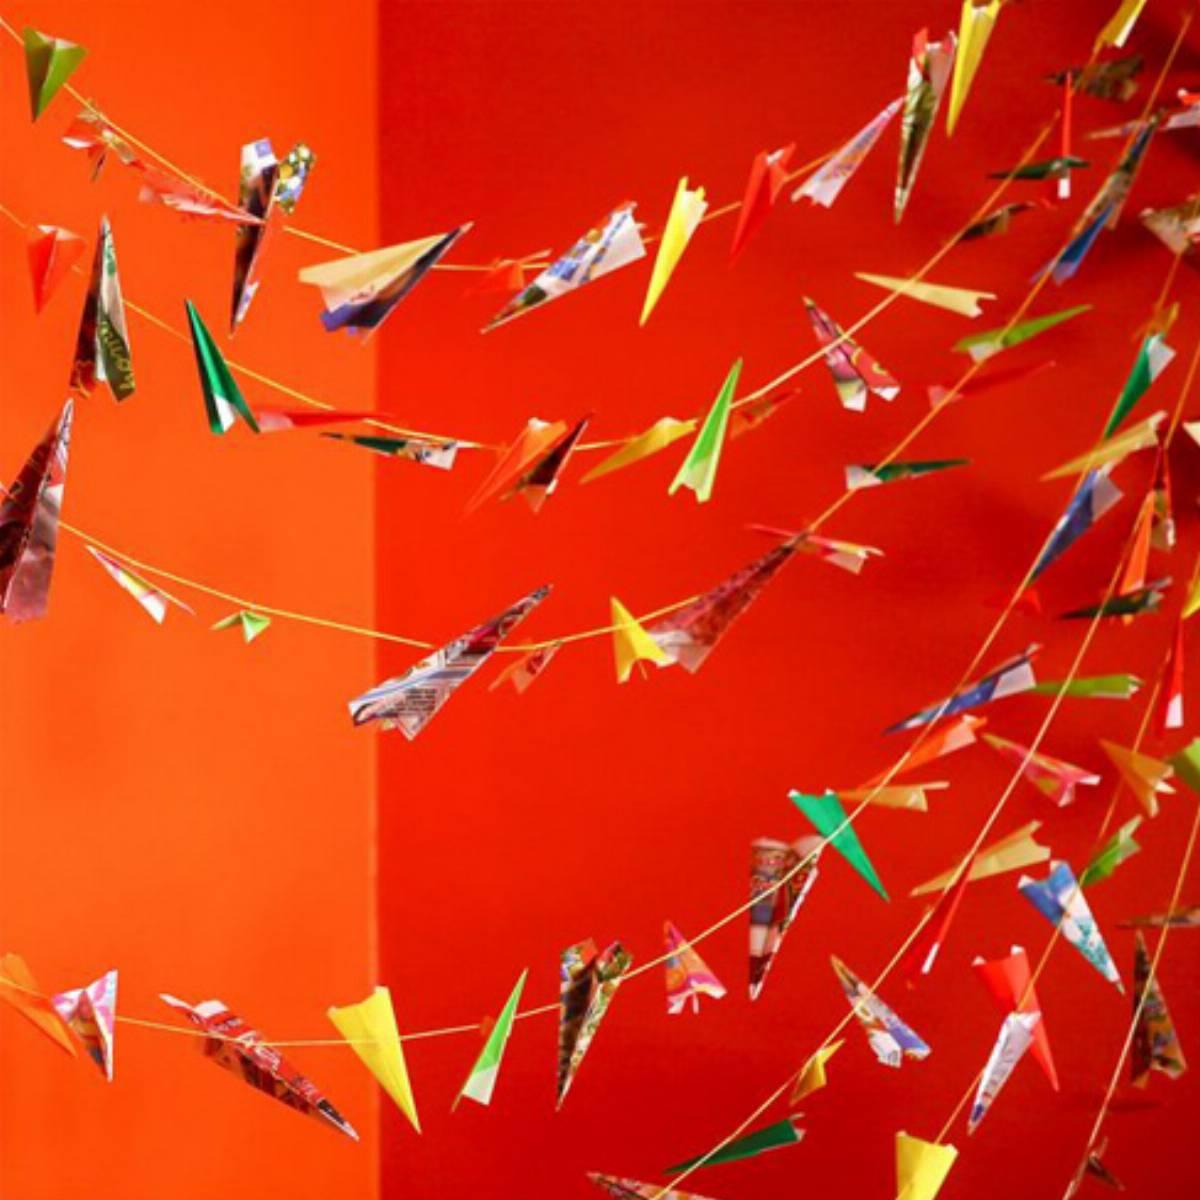 Girlanda-z-samolotow-_1_jak-ozdobic-pokoj-dziecka_DIY